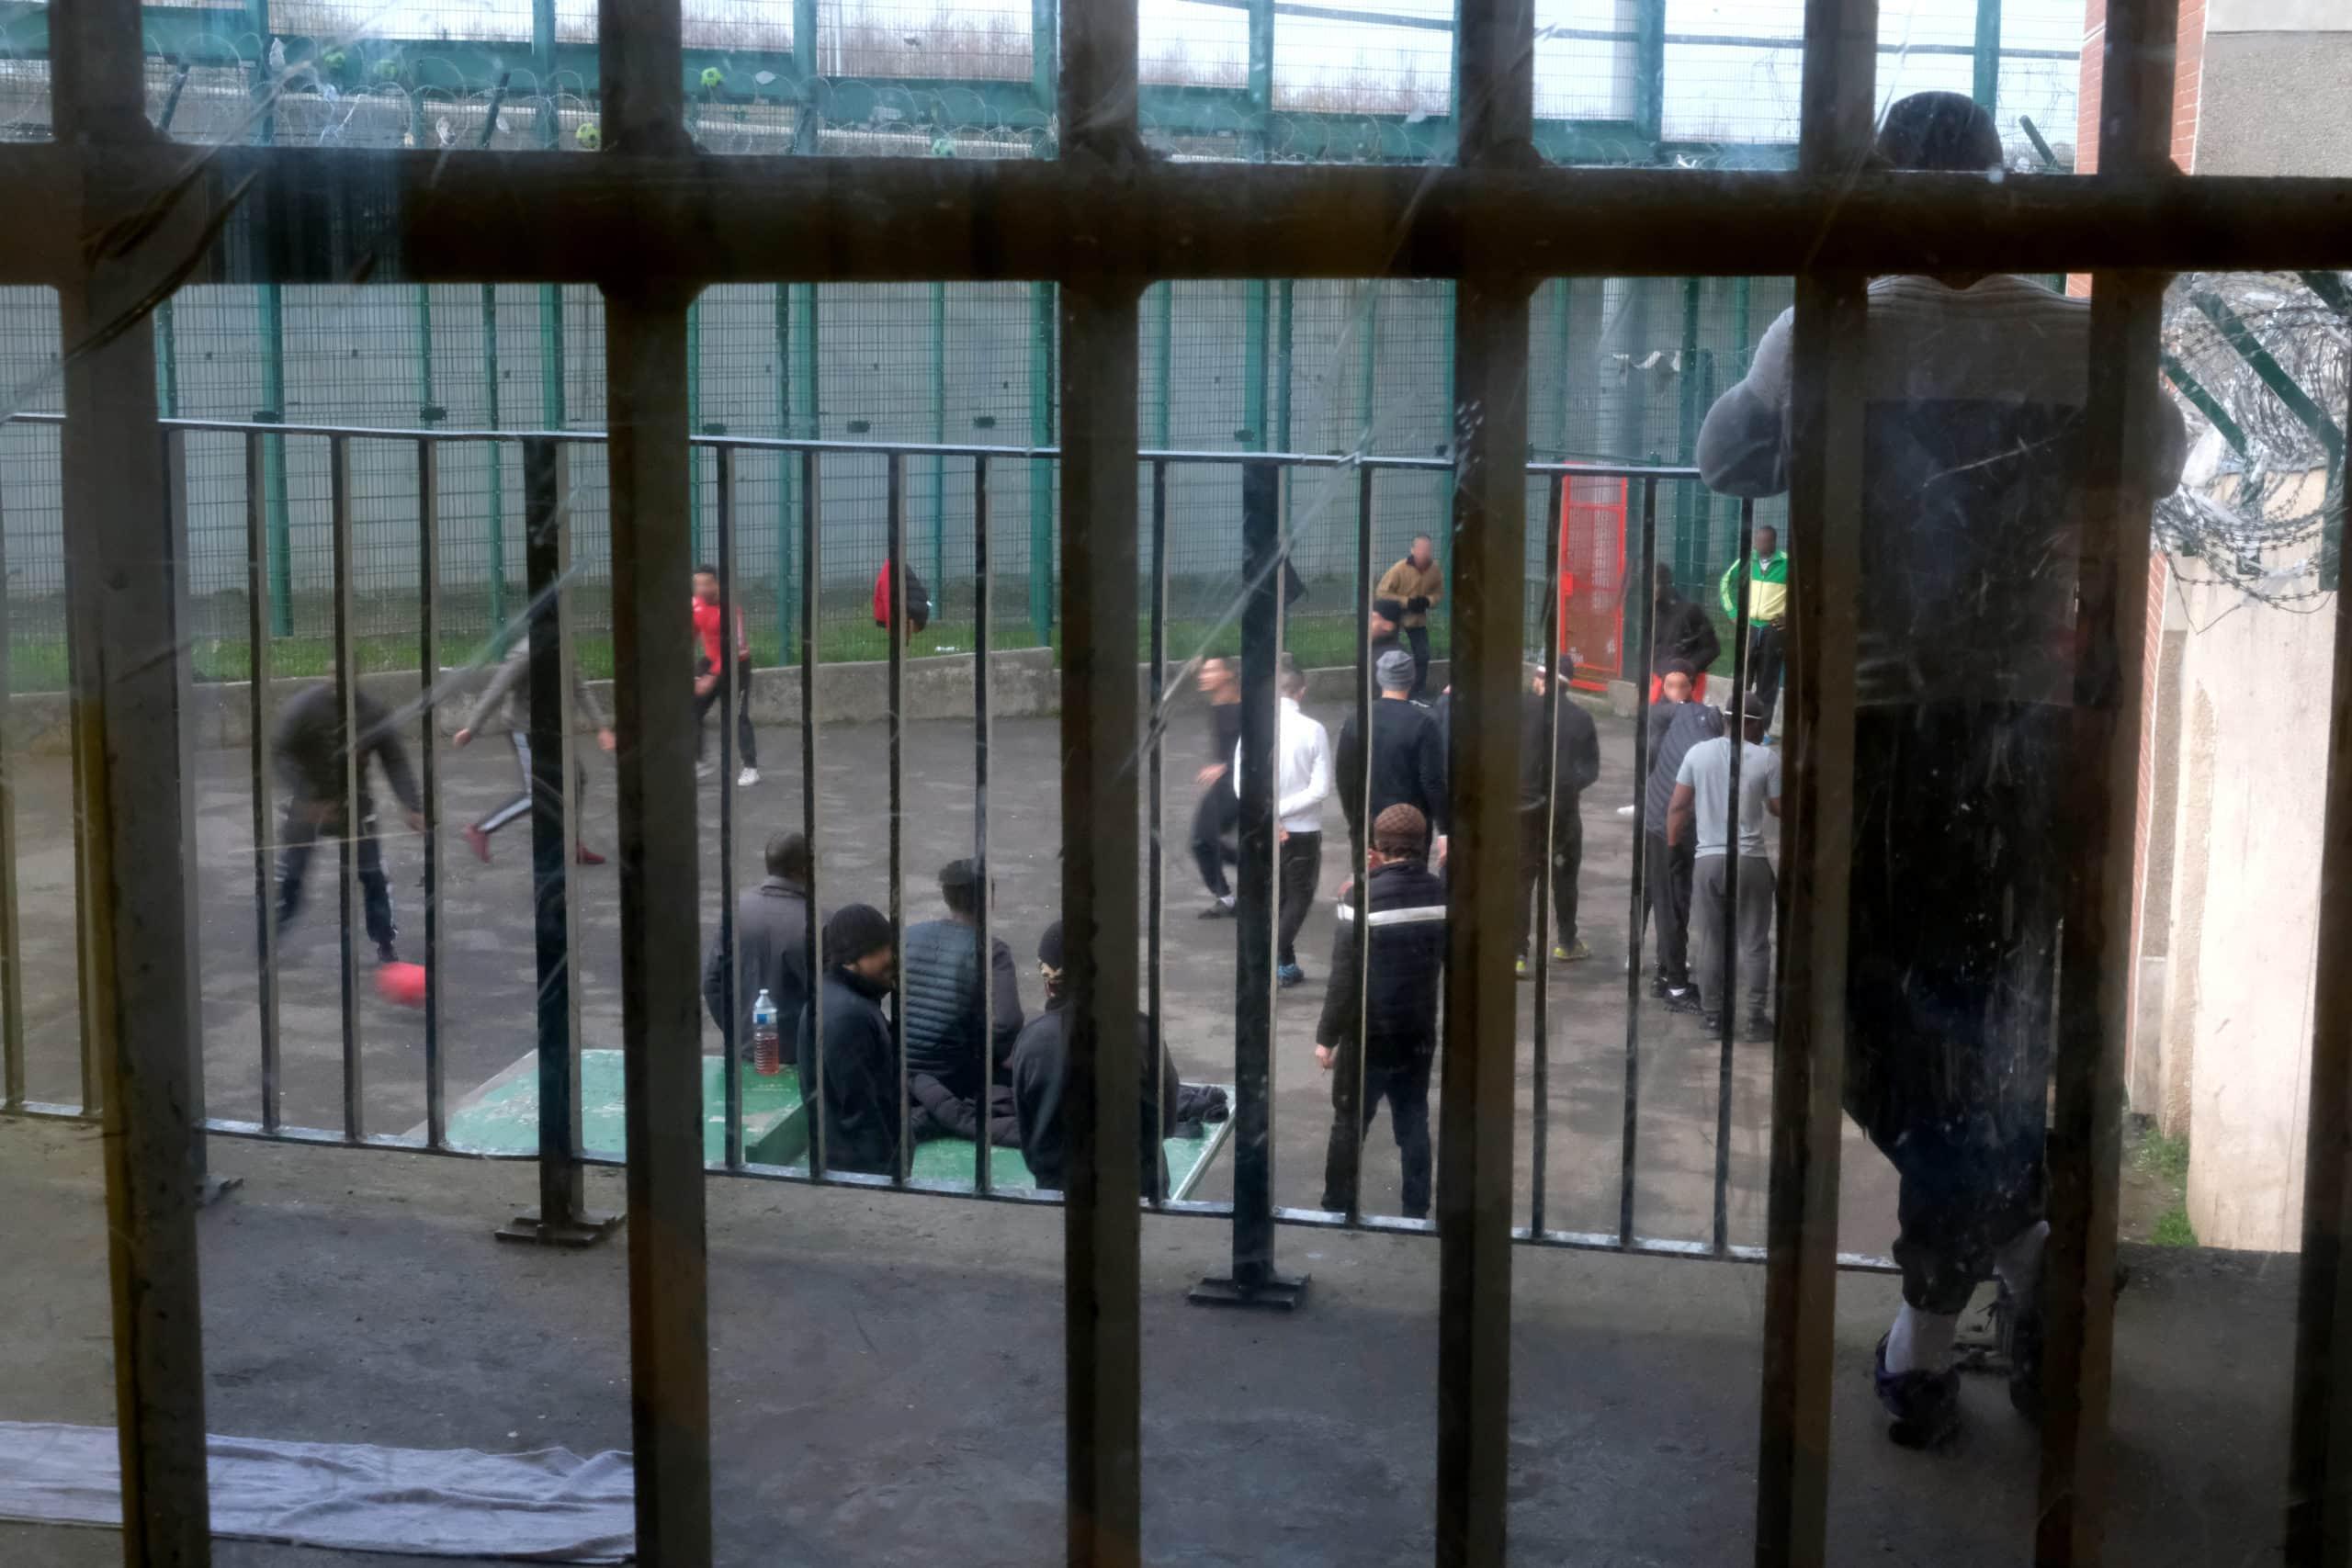 Cour de promenade d'un centre pénitentiaire © JC Hanché pour le CGLPL